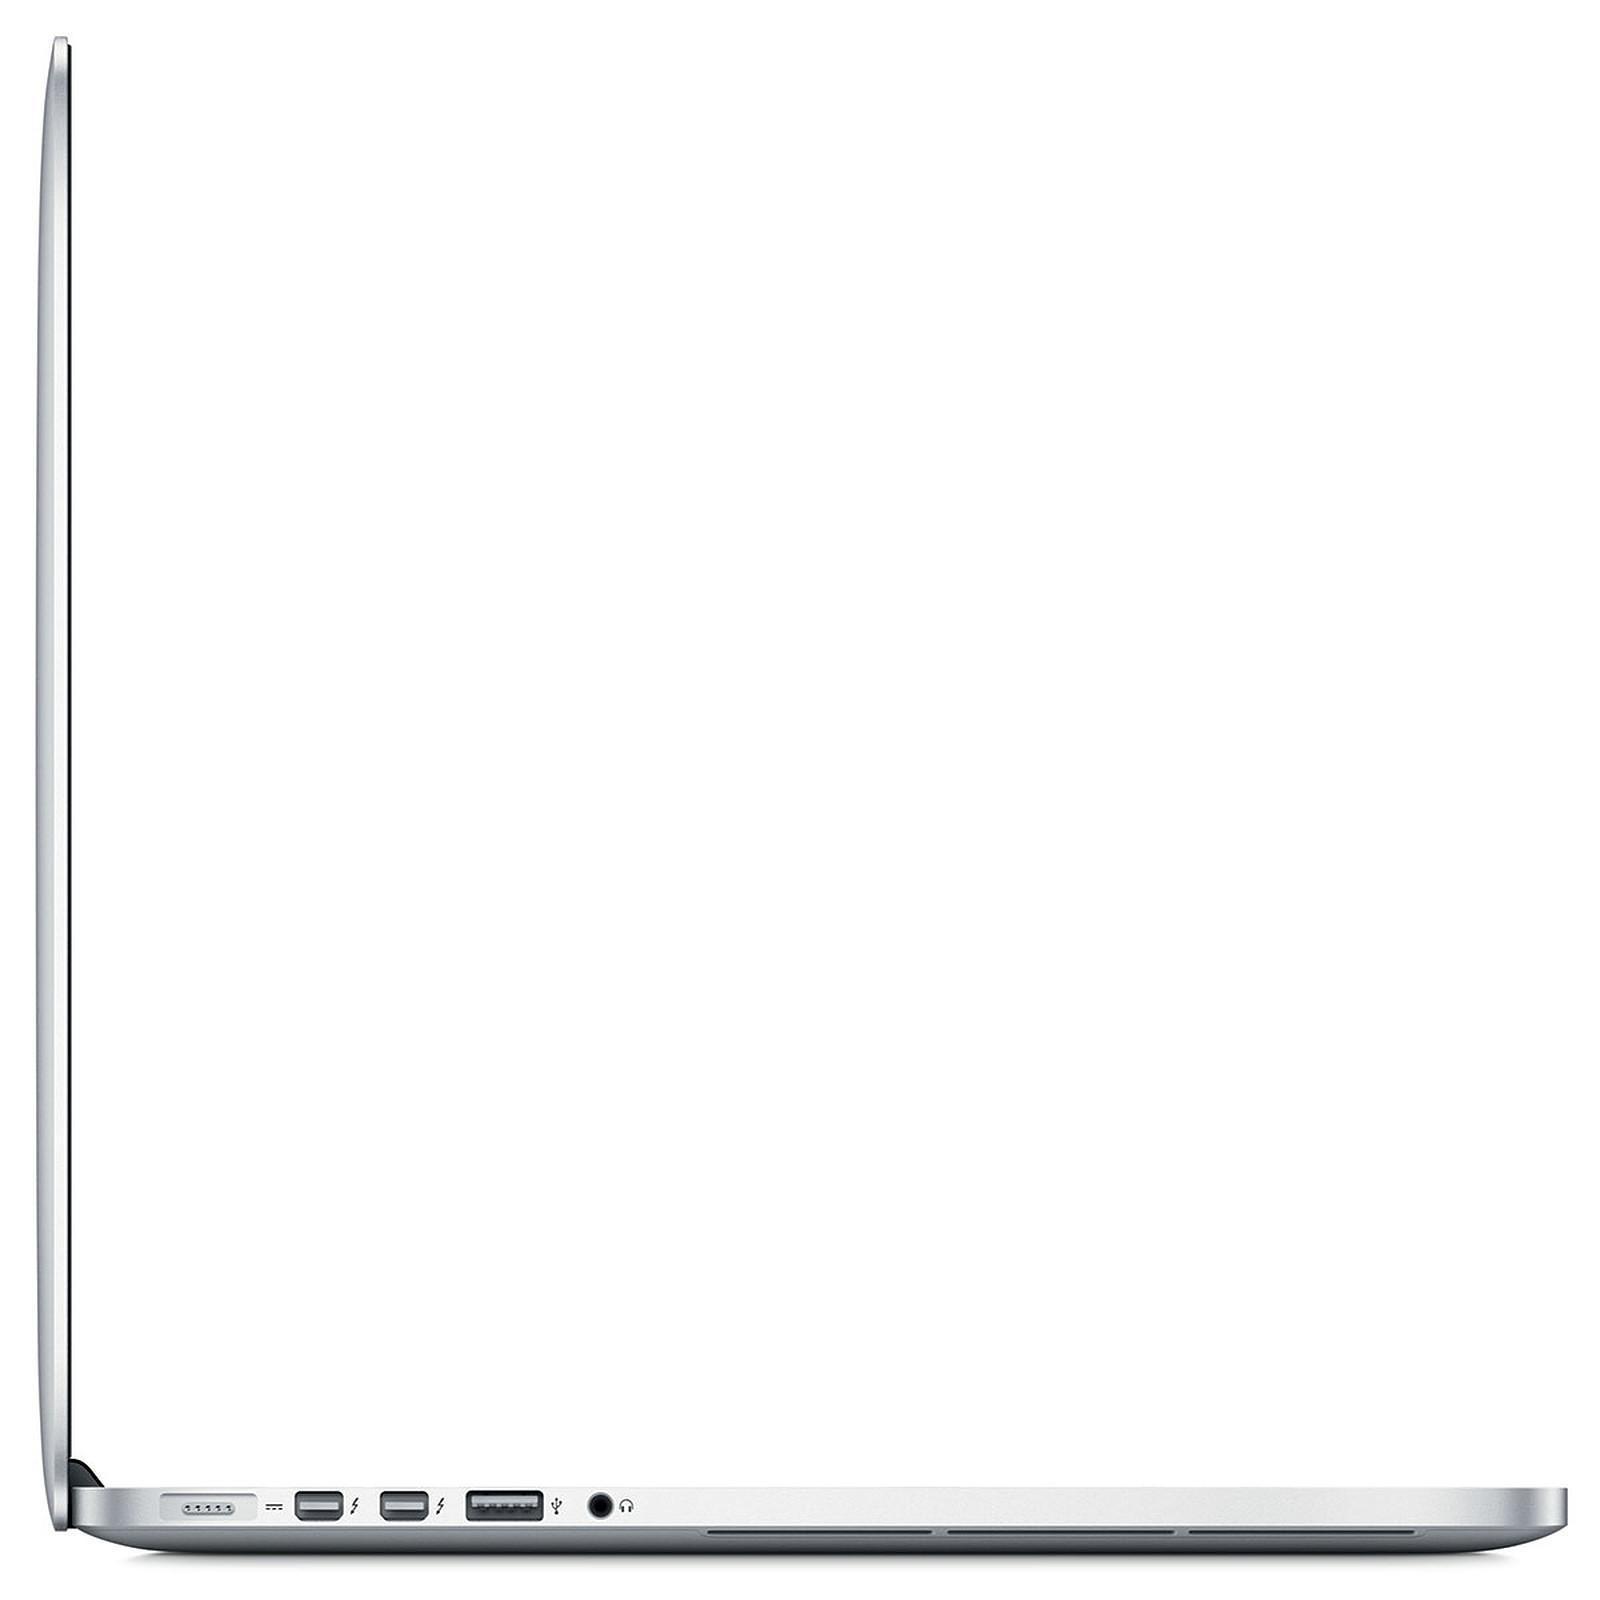 MacBook Pro Retina 15,4-tum (2013) - Core i7 - 16GB - SSD 256 GB QWERTY - Italienska